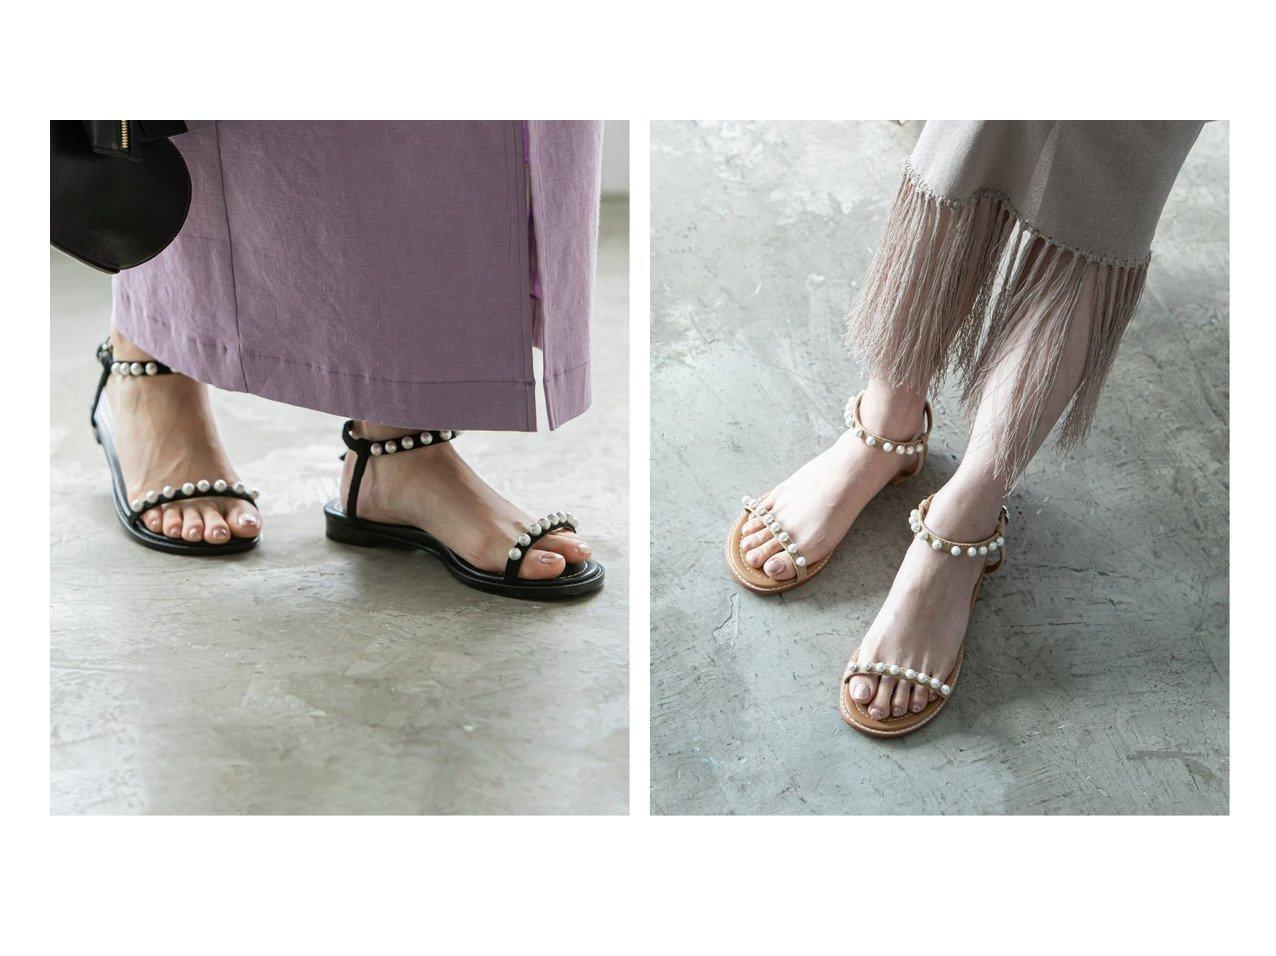 【NOBLE / Spick & Span/ノーブル / スピック&スパン】の《WEB・一部店舗限定追加》【TSURU by MARIKO OIKAWA】パールフラットサンダル シューズ・靴のおすすめ!人気、トレンド・レディースファッションの通販 おすすめで人気の流行・トレンド、ファッションの通販商品 メンズファッション・キッズファッション・インテリア・家具・レディースファッション・服の通販 founy(ファニー) https://founy.com/ ファッション Fashion レディースファッション WOMEN 2021年 2021 2021 春夏 S/S SS Spring/Summer 2021 S/S 春夏 SS Spring/Summer アクセサリー エレガント サンダル シューズ パール フラット ラップ 人気 再入荷 Restock/Back in Stock/Re Arrival |ID:crp329100000023908